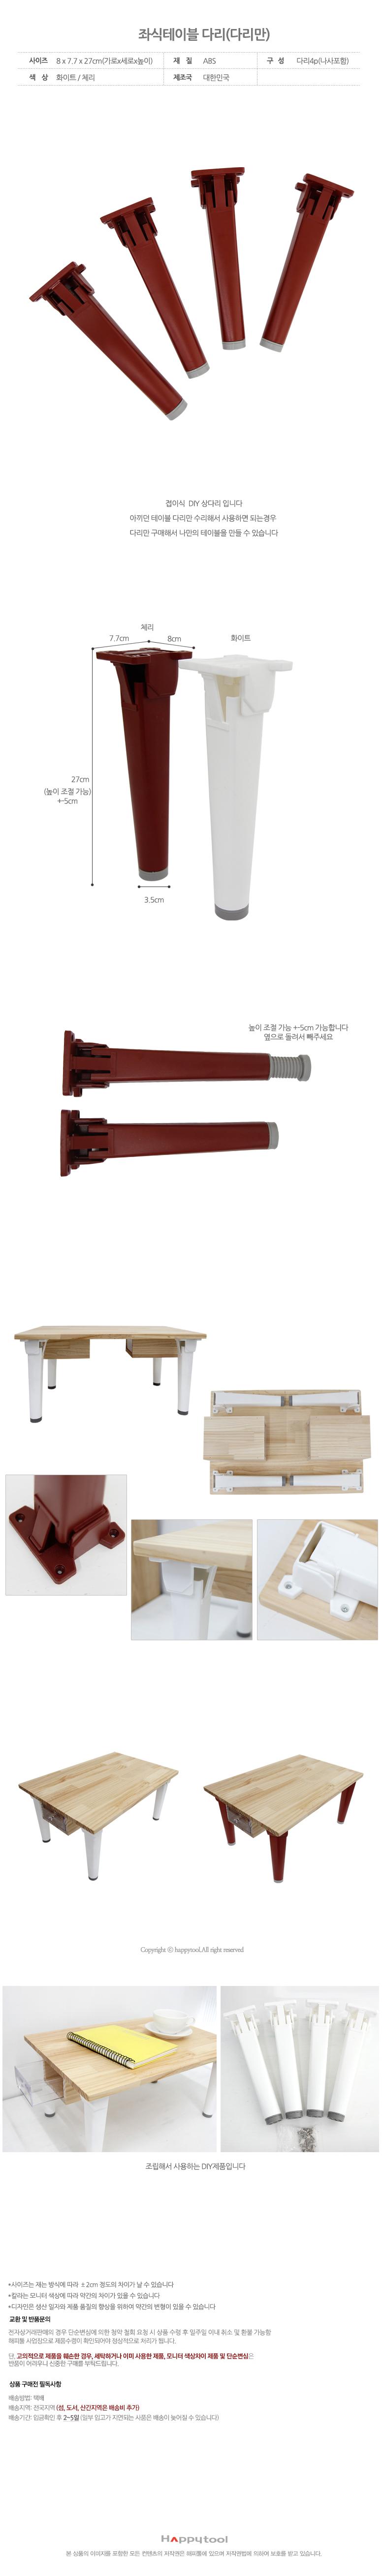 좌식테이블 다리(다리만) - 해피툴, 11,900원, DIY 책상/의자, DIY 책상/테이블